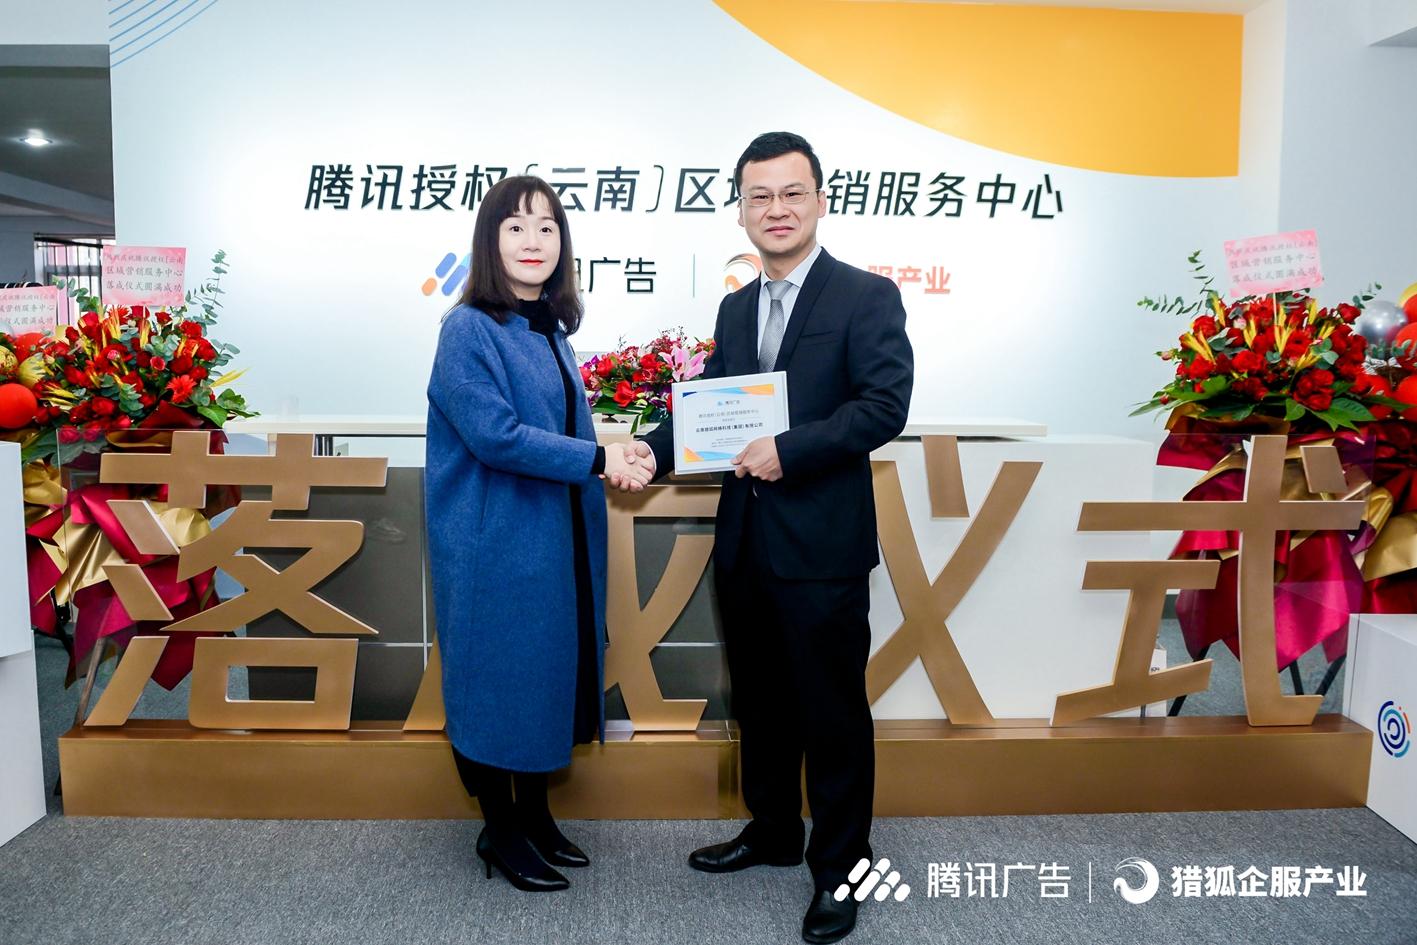 腾讯授权【云南】区域营销服务中心